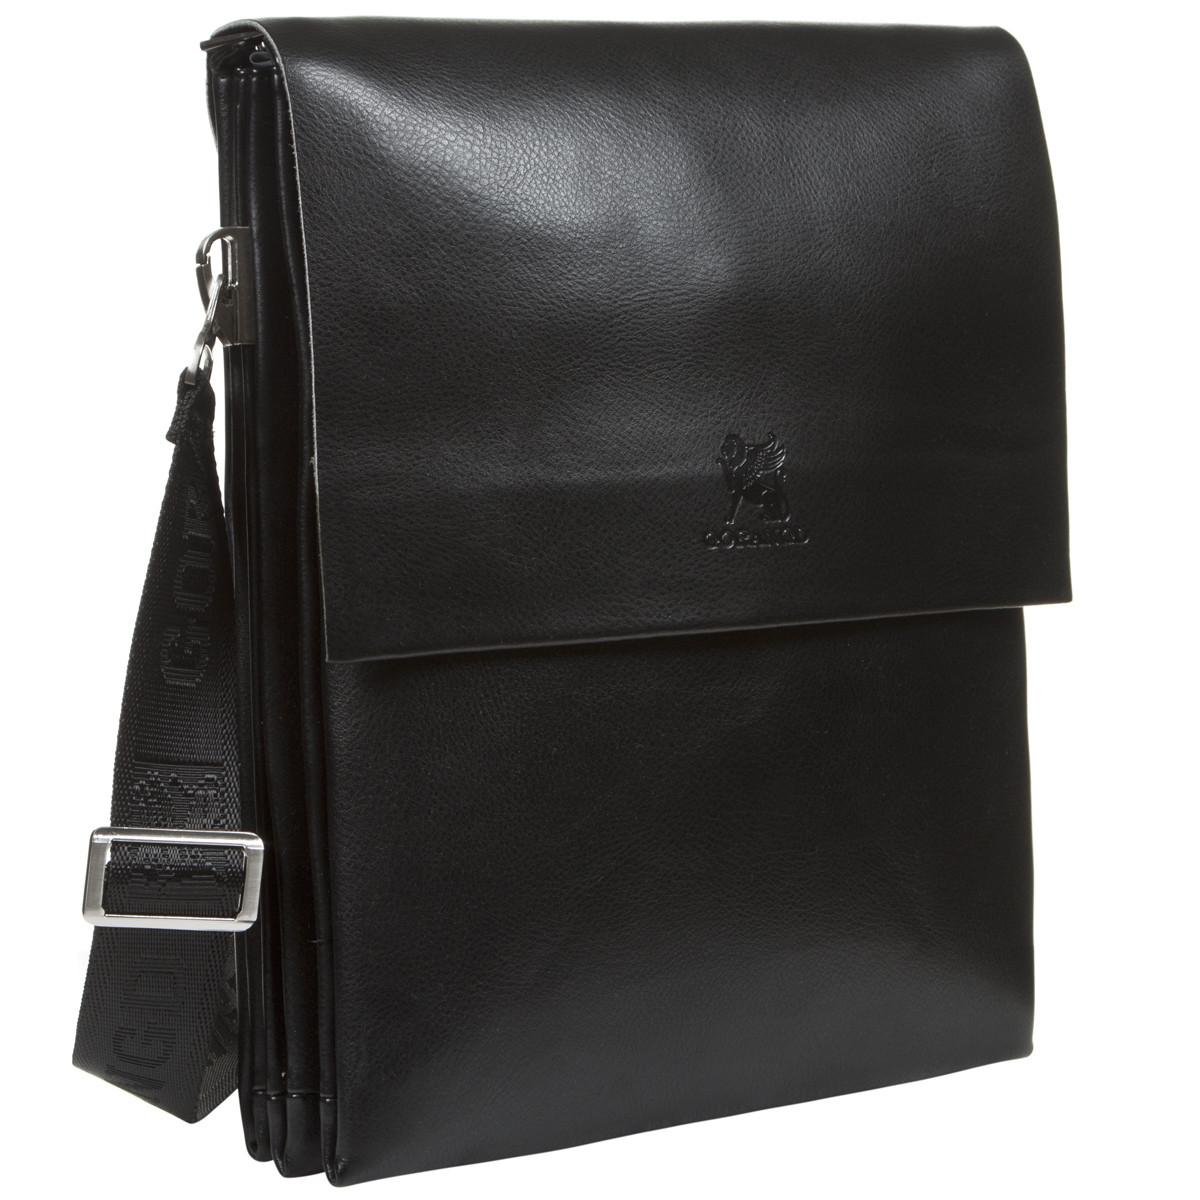 Мужская сумка кожаная GORANGD вертикальная  26х33х9  кт886-5